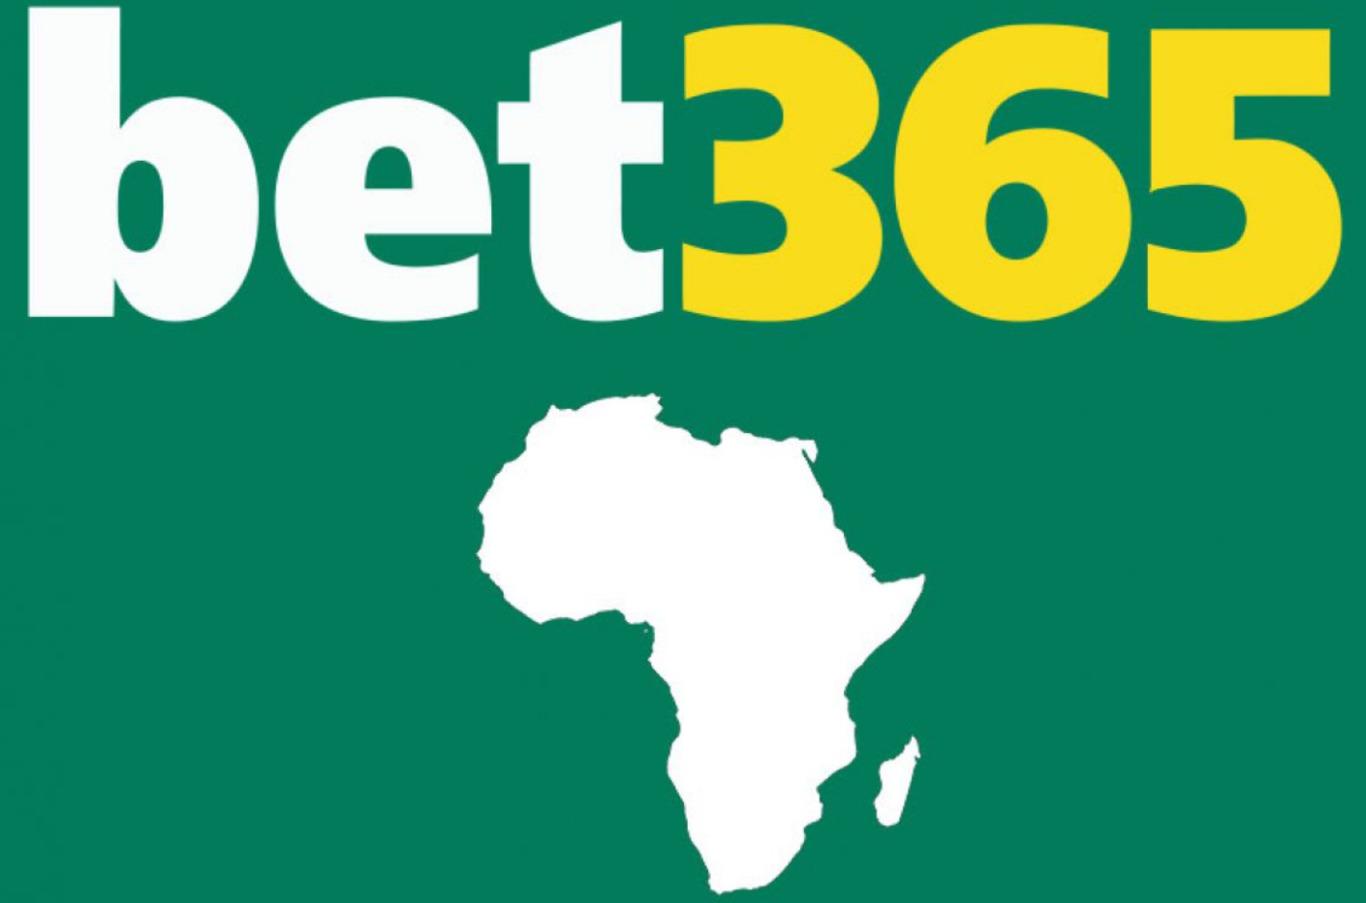 Потвърждаване на данните в личния профил Бет365